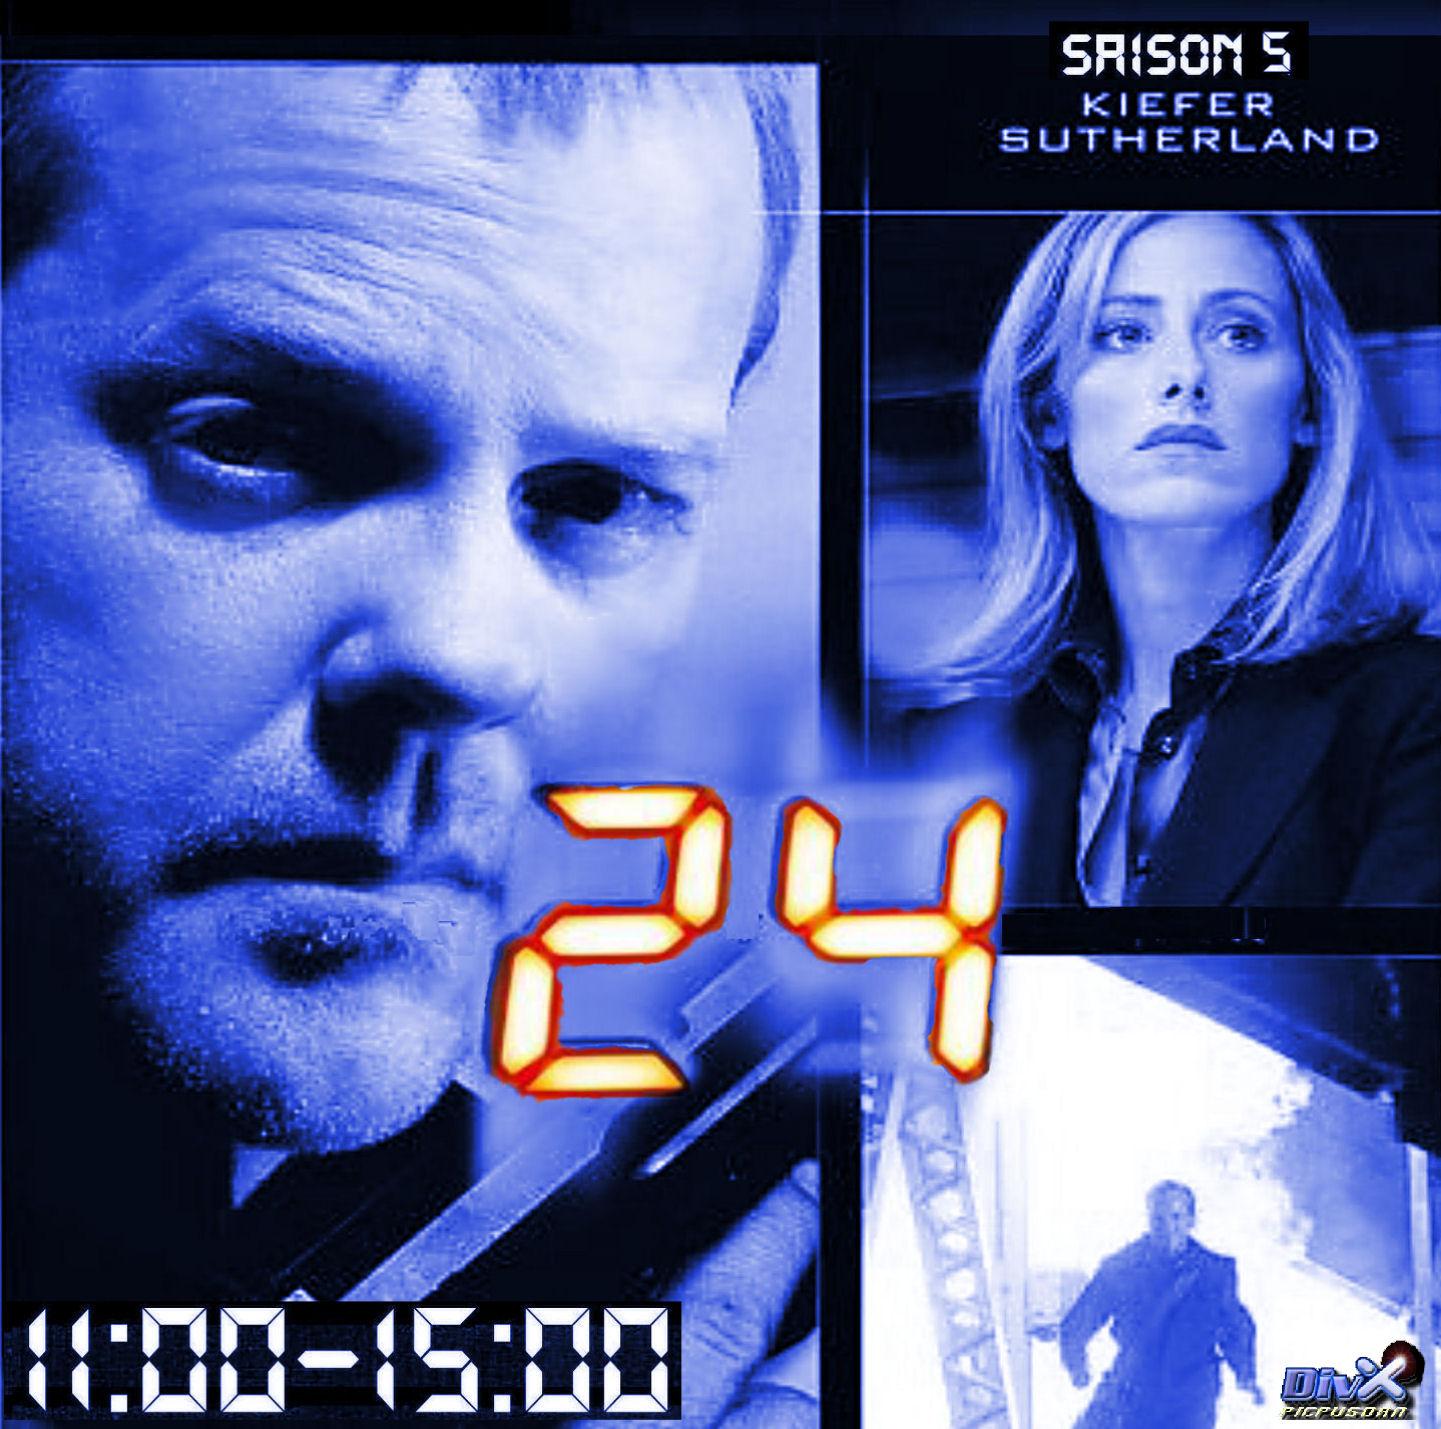 Baixar Serie 24 Horas 1 Temporada Dublado Gratis